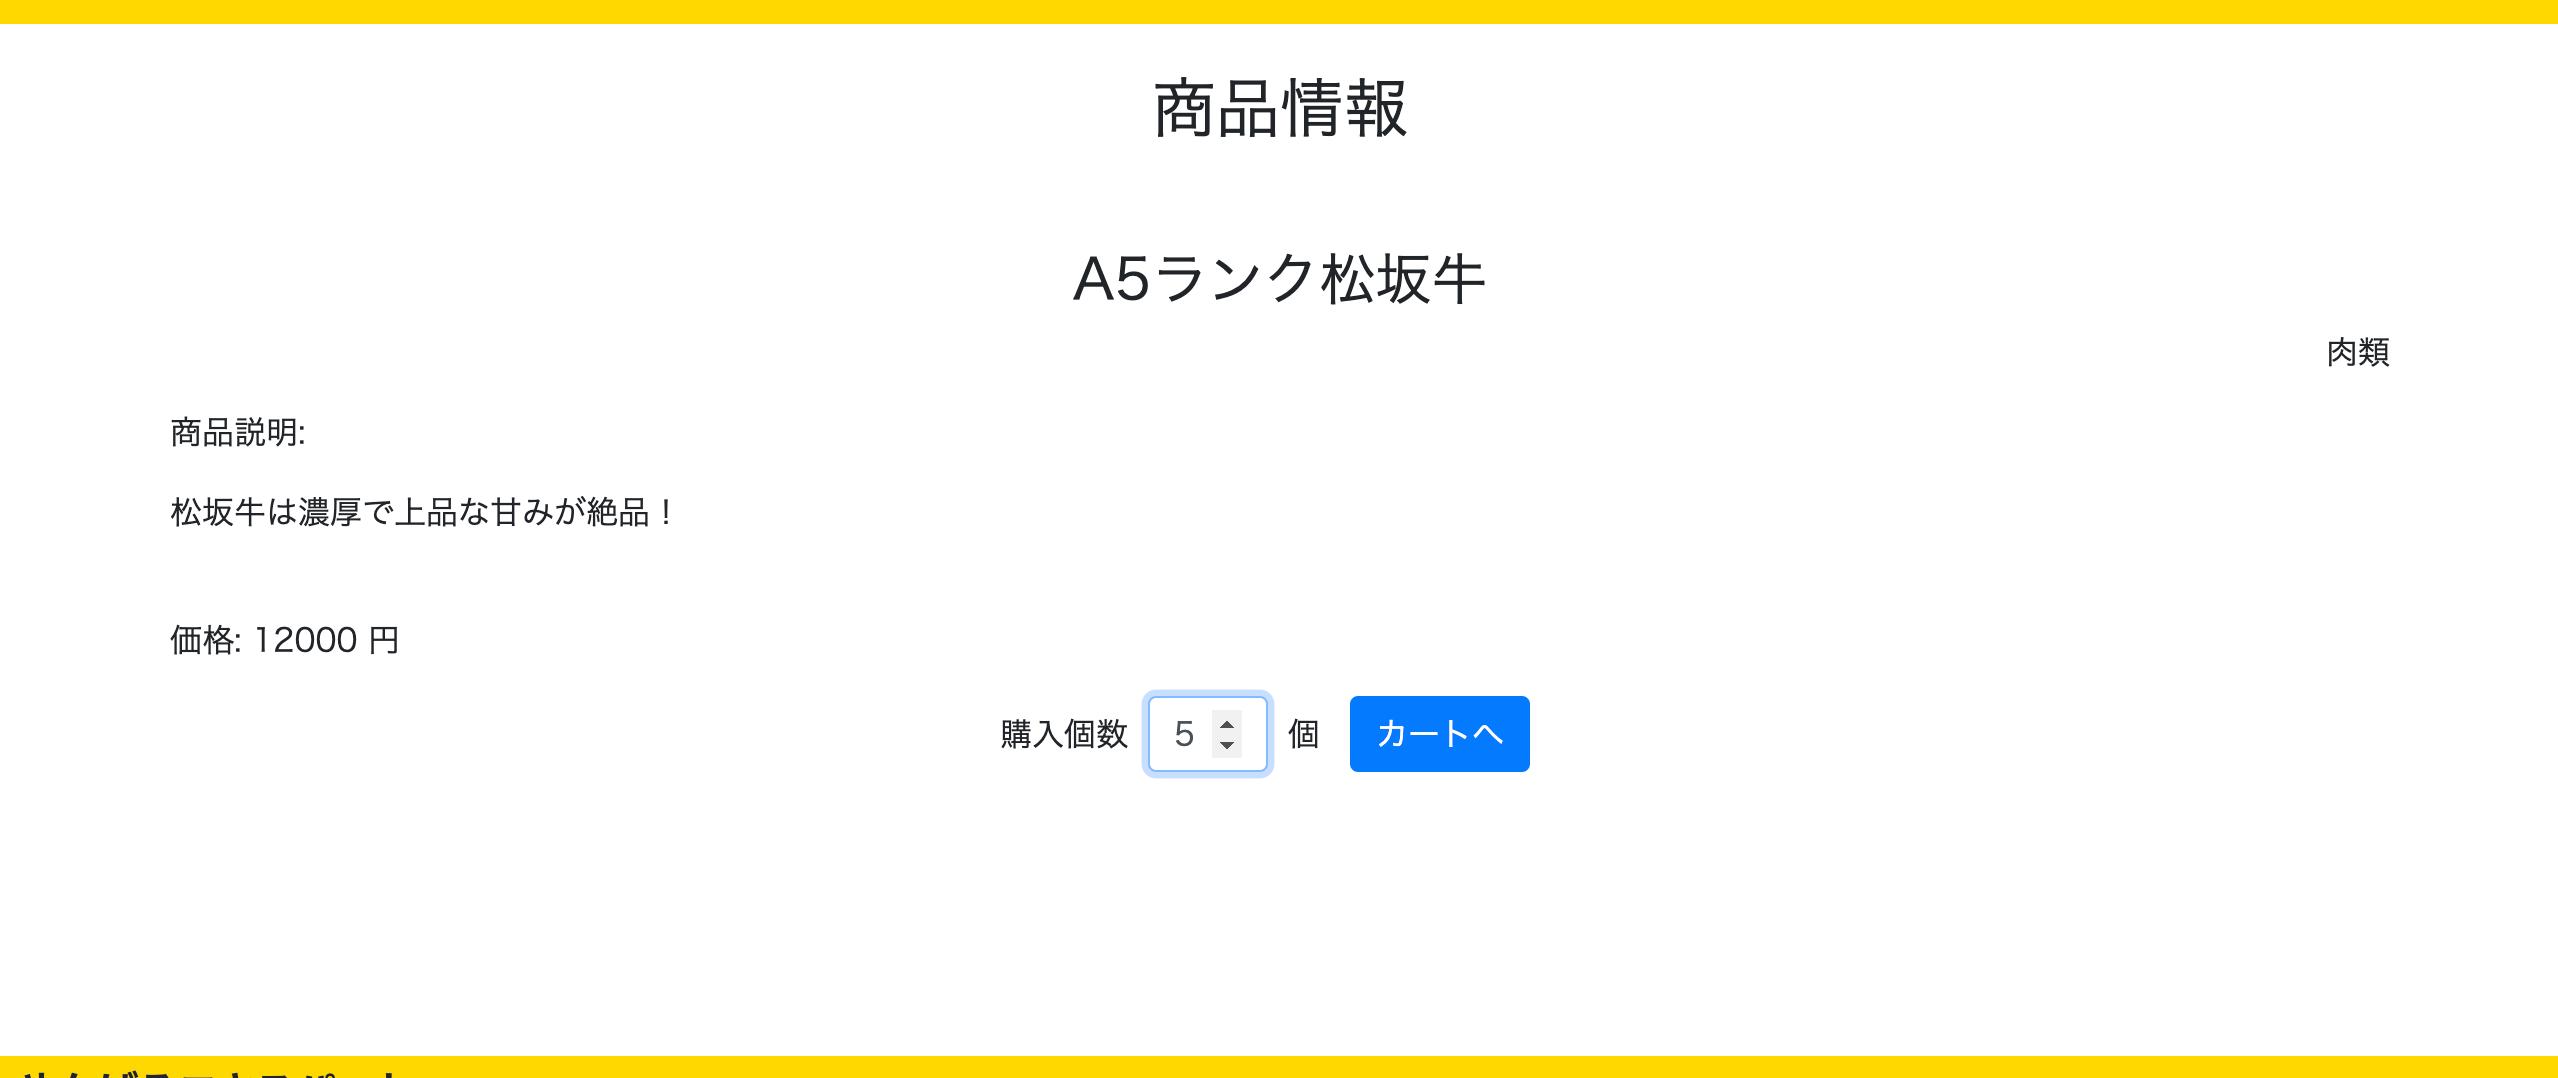 スクリーンショット 2020-12-29 23.43.02.png